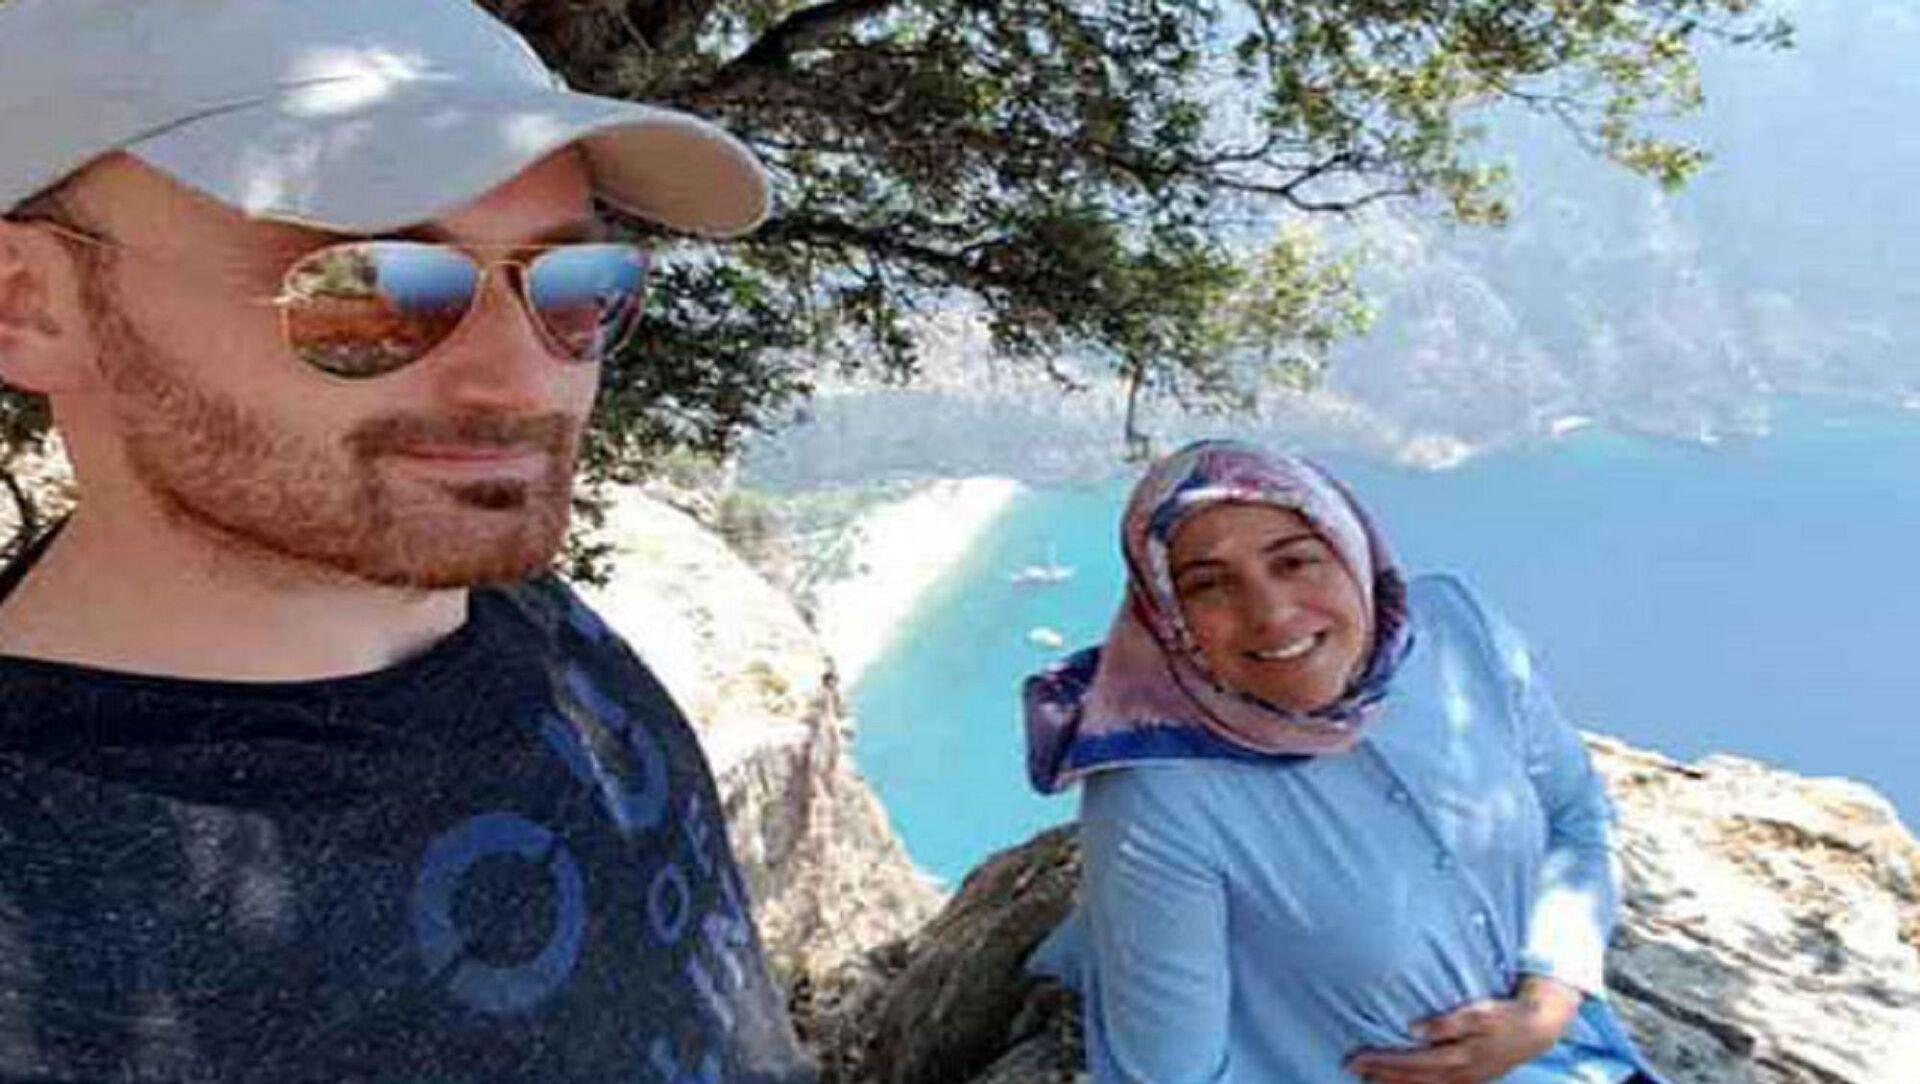 Muğla'nın Fethiye ilçesinde 2.5 yıl önce kayalıklardan düşerek hayatını kaybeden 7 aylık hamile Semra Aysal - Sputnik Türkiye, 1920, 24.02.2021